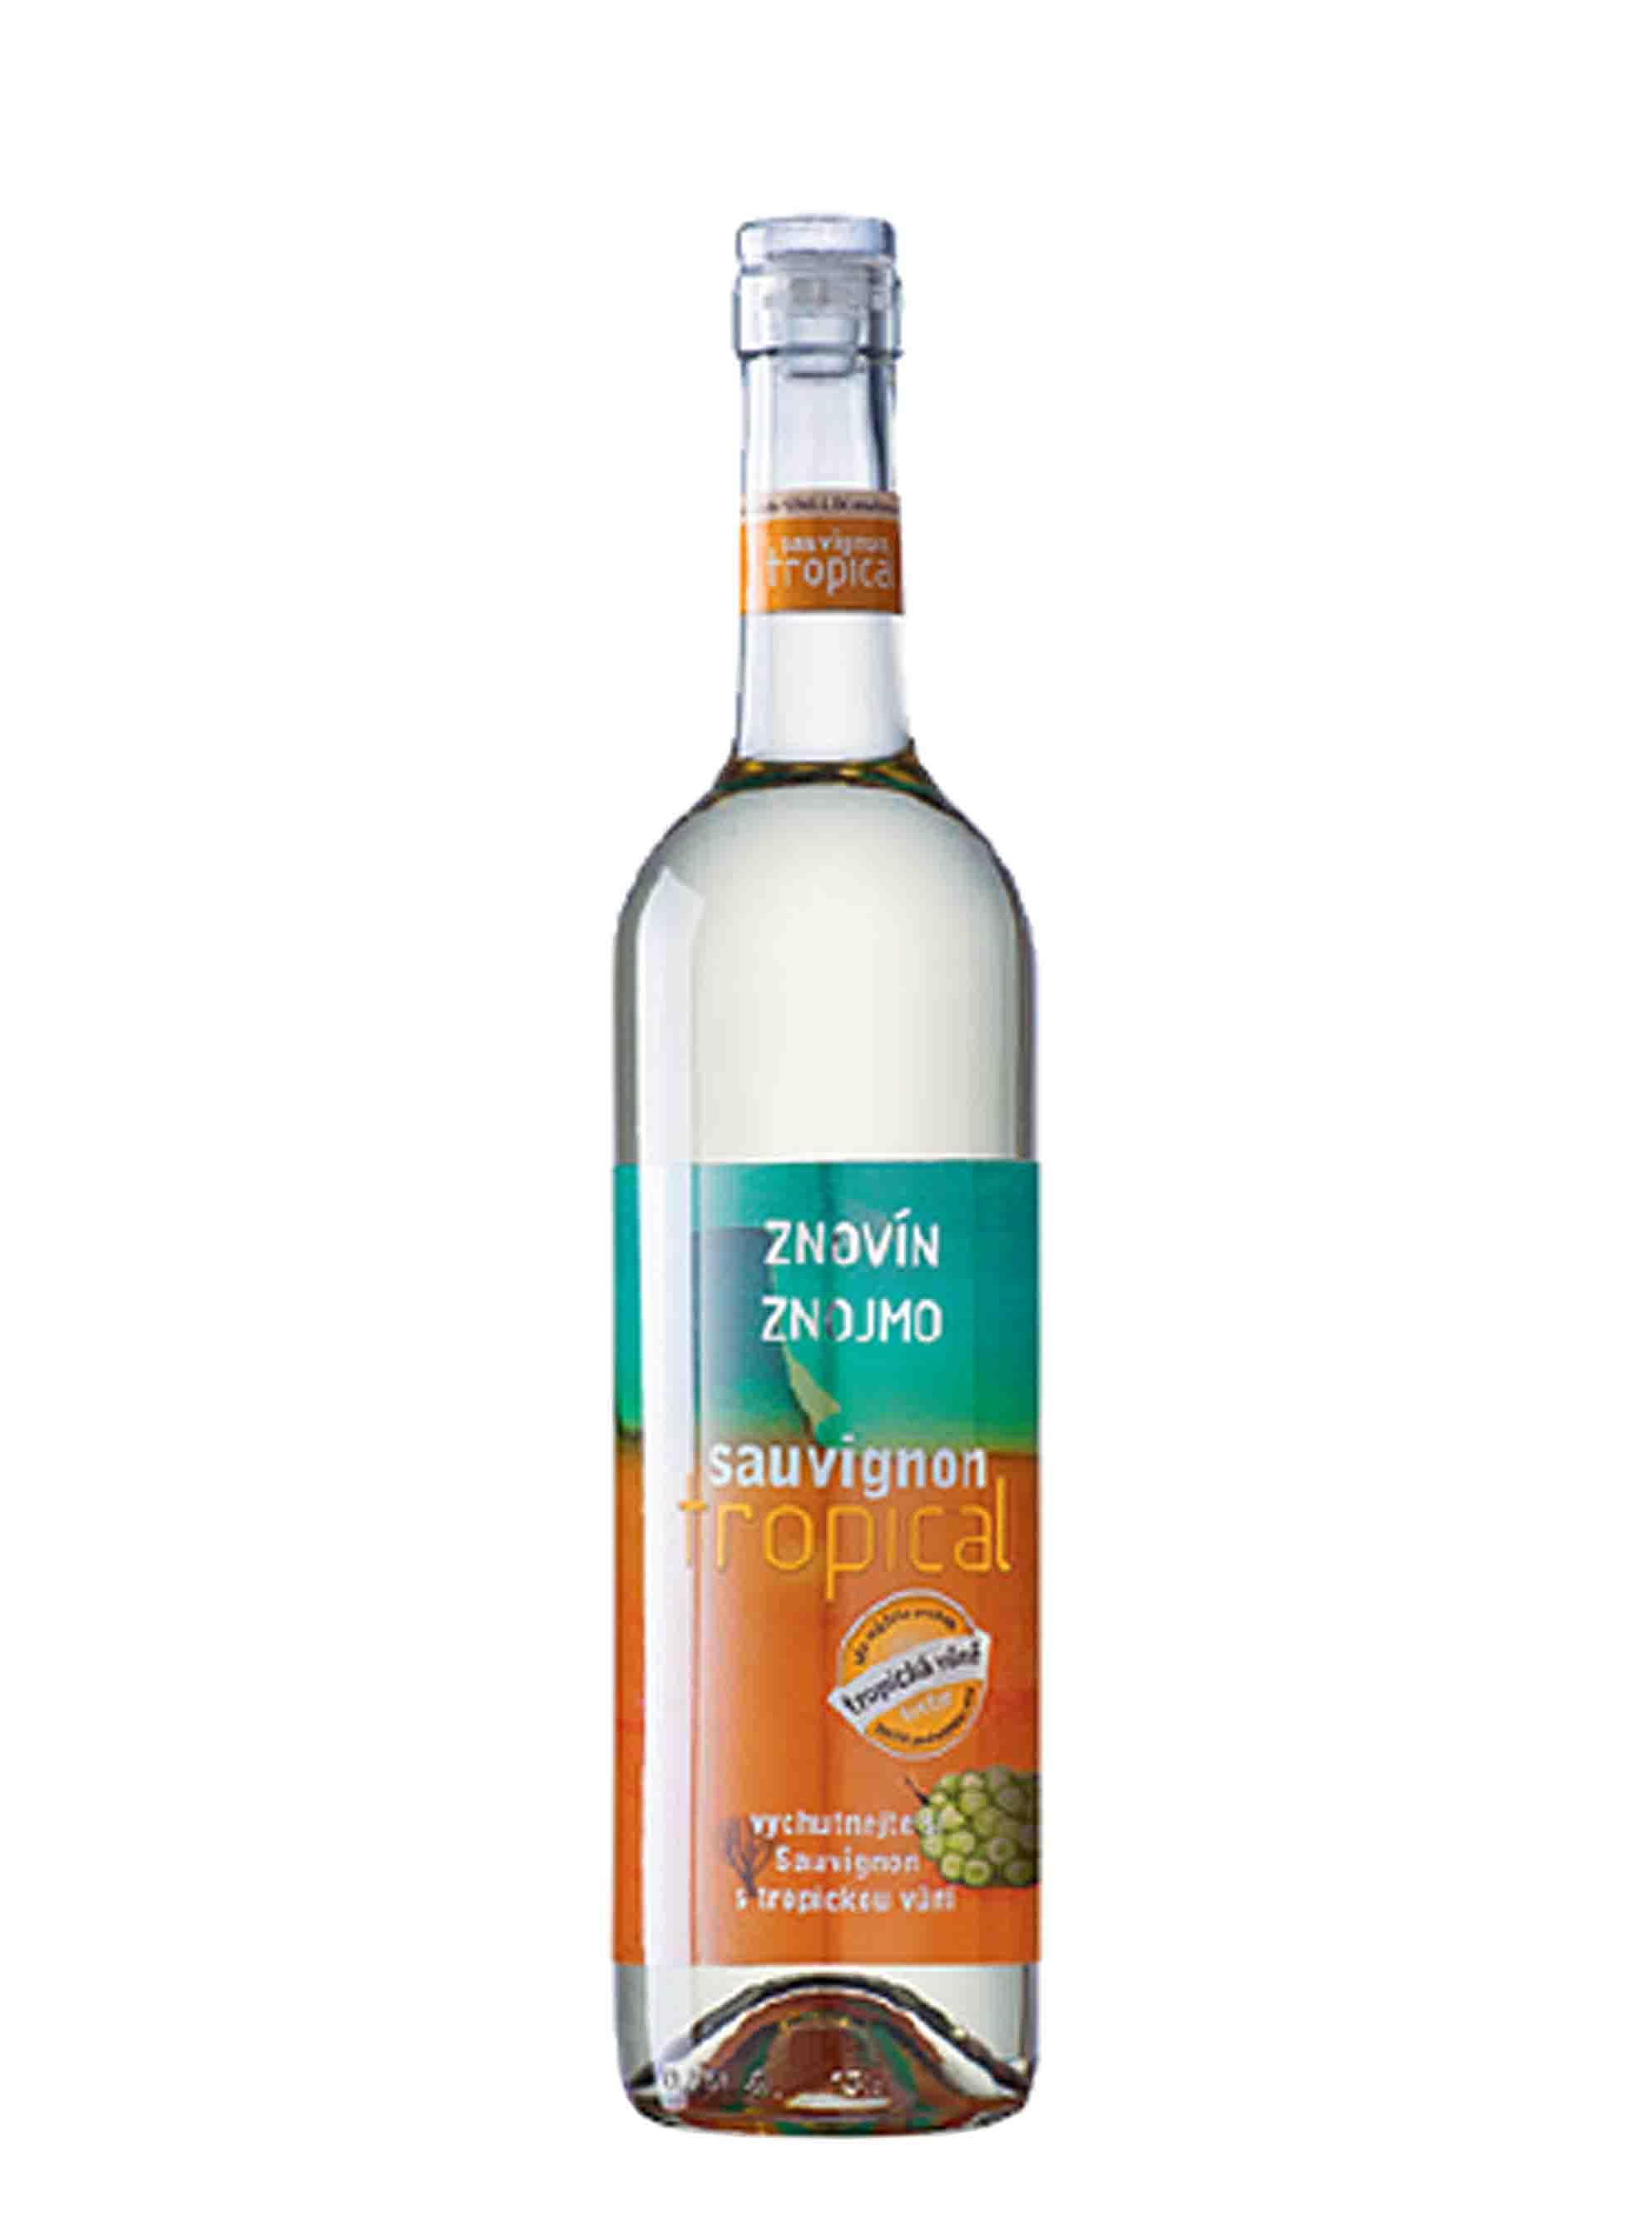 Sauvignon, Tropical, Pozdní sběr, 2015, Znovín Znojmo, 0.75 l